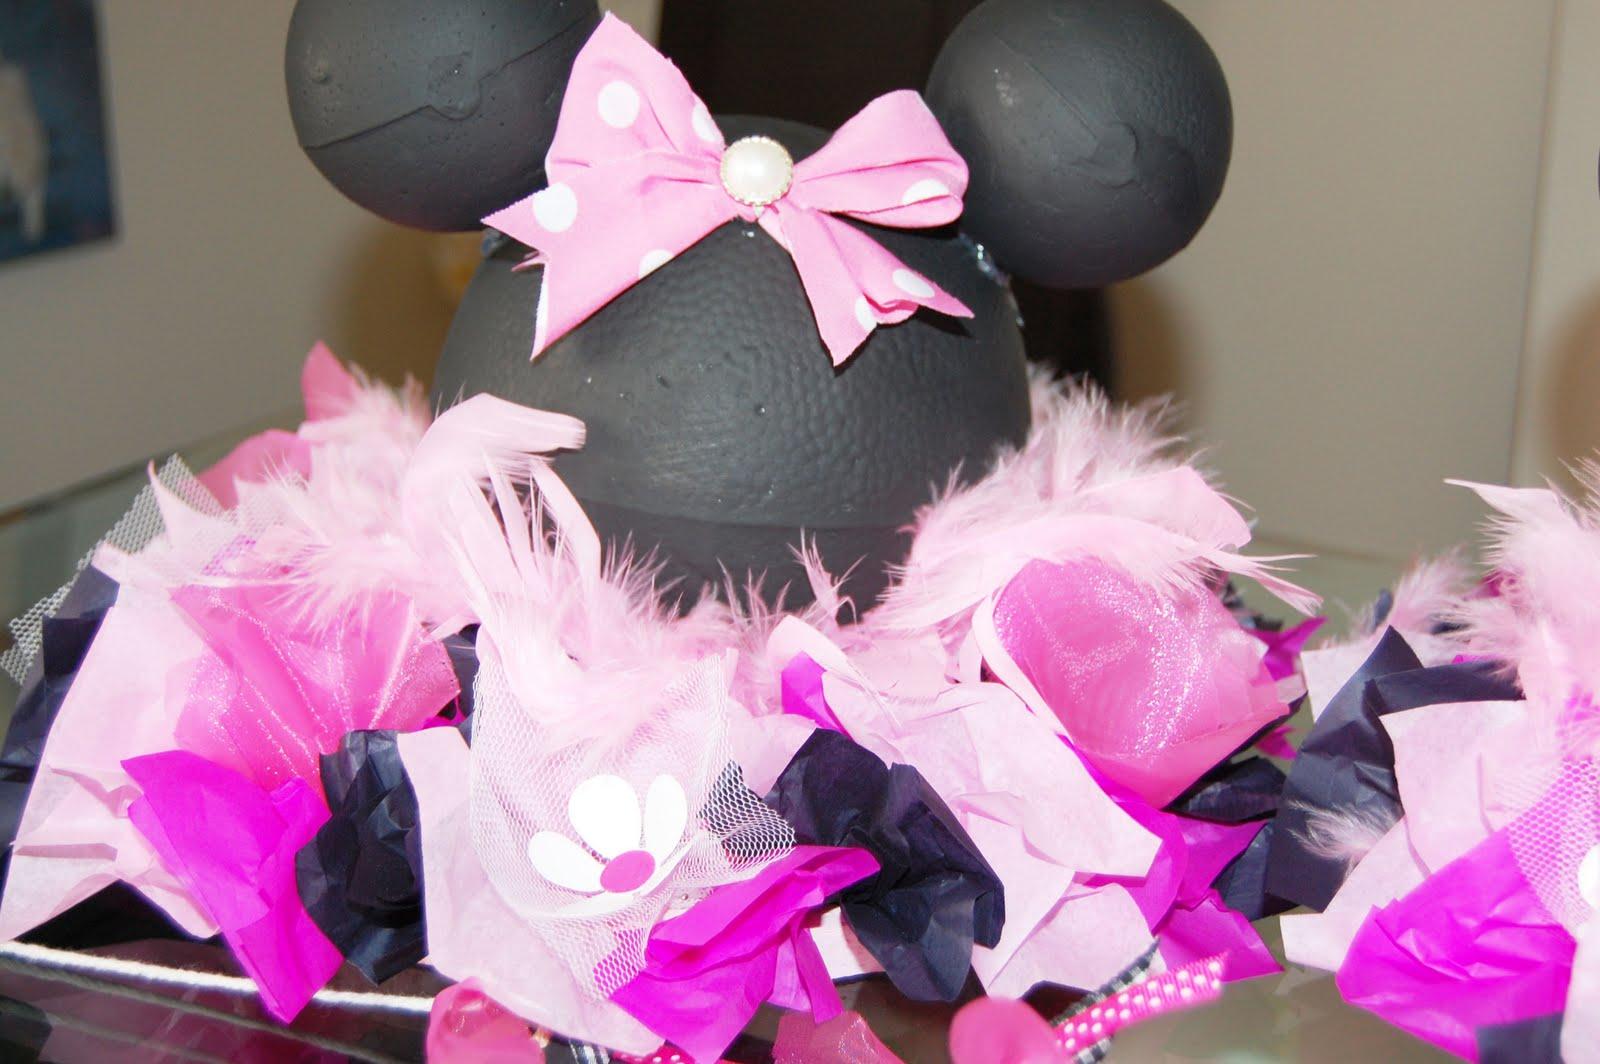 Decoracion Minnie Mouse ~ Download image Moms Angels Decoracion De Minnie Mouse PC, Android